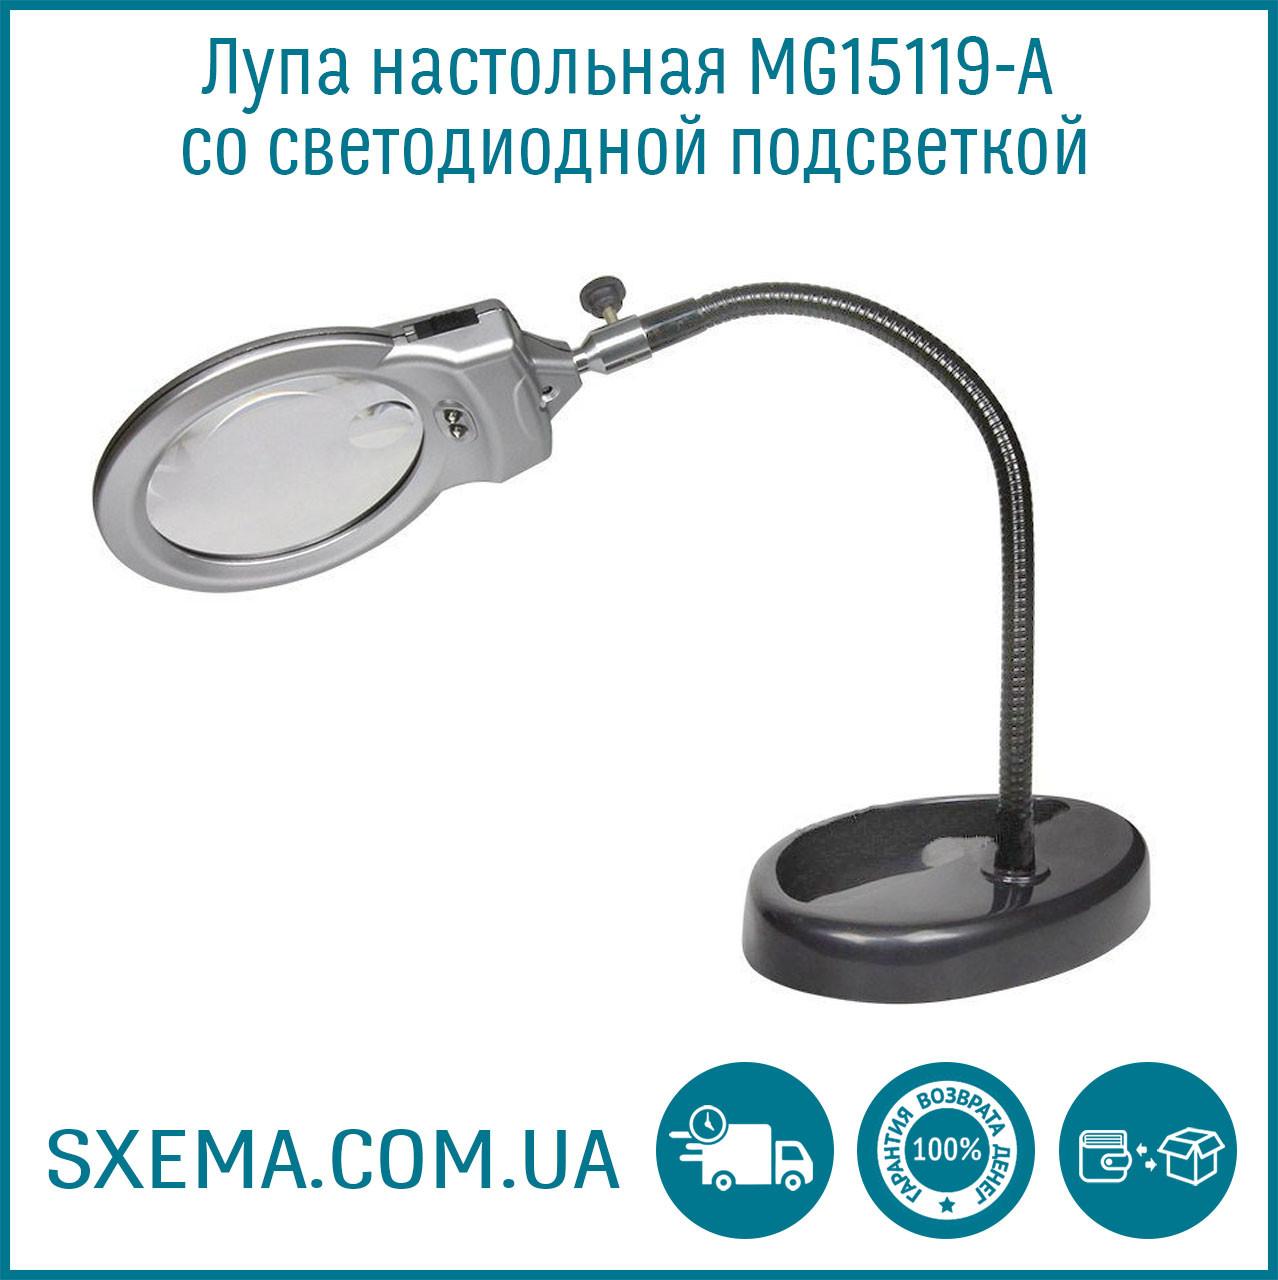 Лупа настольная 90мм, с подсветкой, гибкий держатель, металлическая основа Magnifier MG15119-A